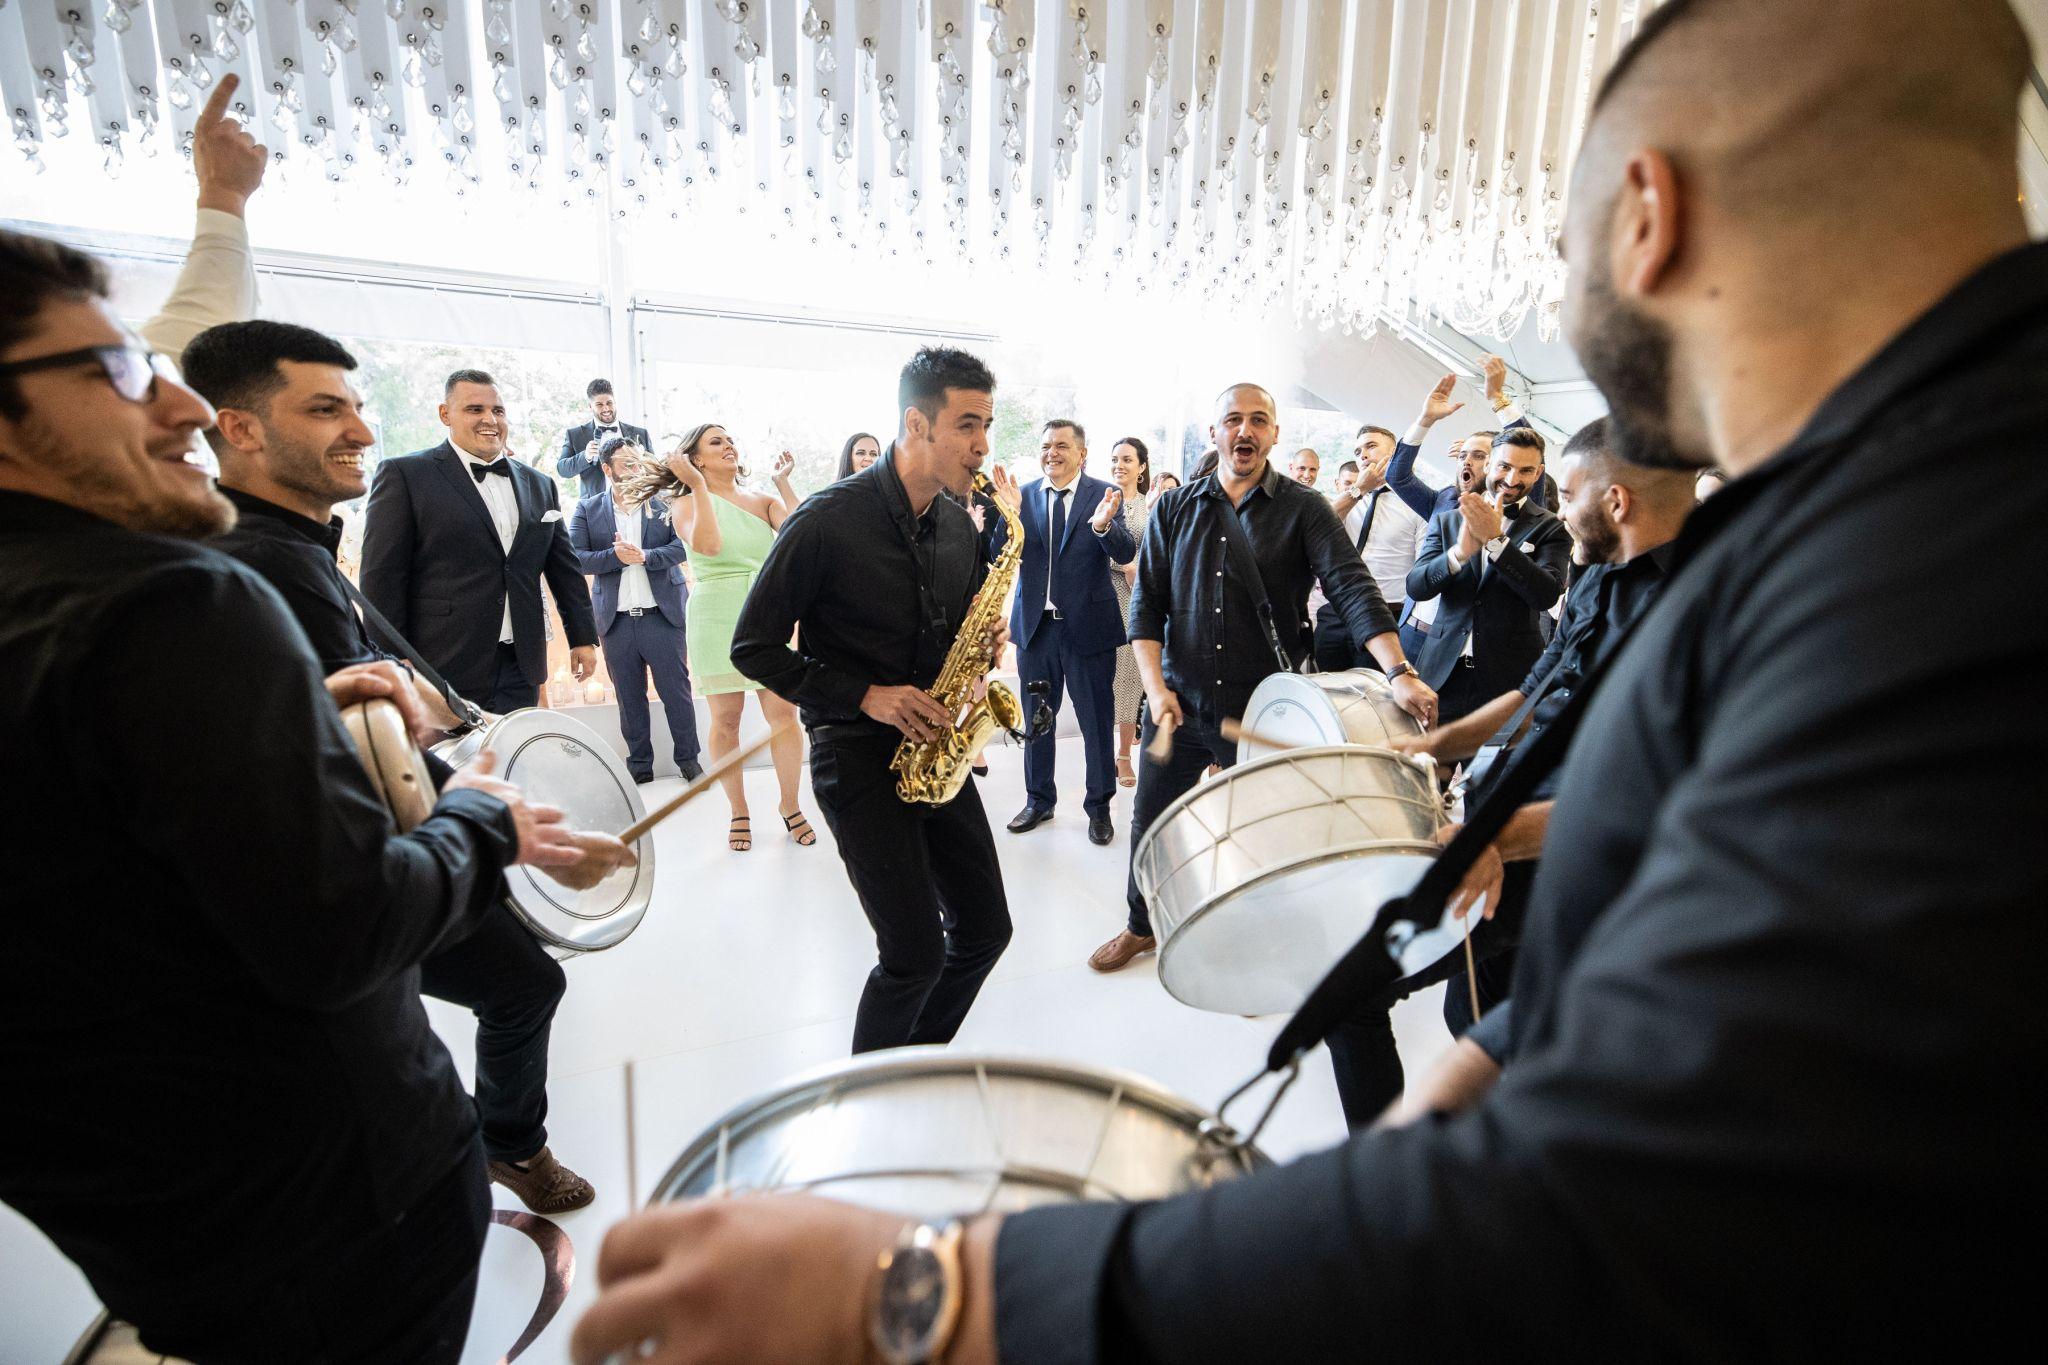 Adelaide Wedding Saxophone Lebanese Drummers